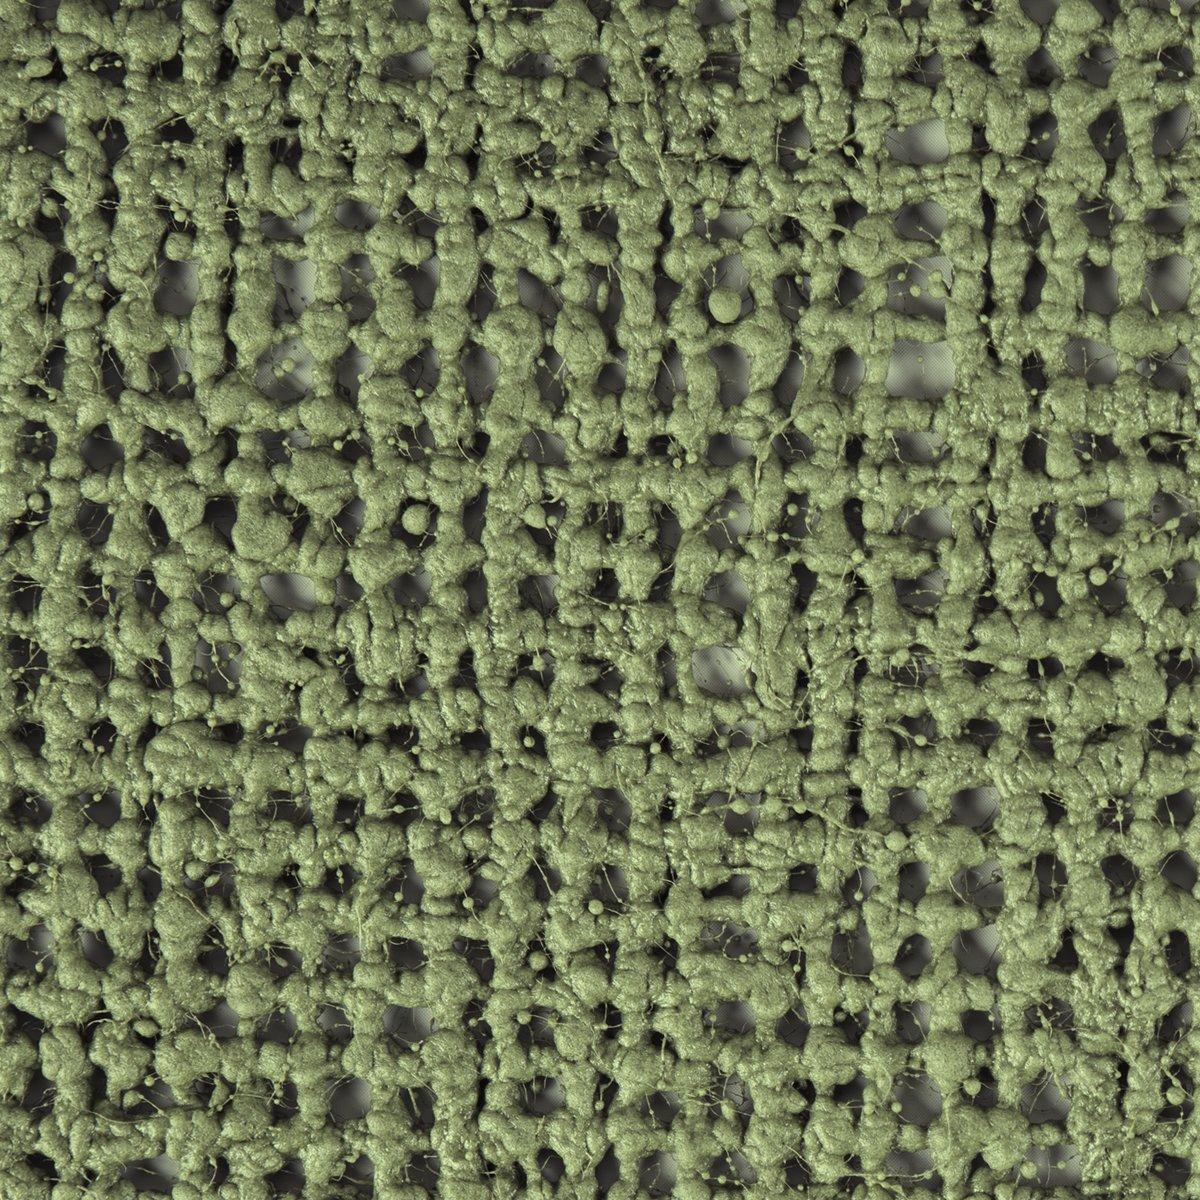 Aerotex Tenttapijt Blauw.Bol Com Aerotex Tenttapijt 2 5x5 Meter Groen